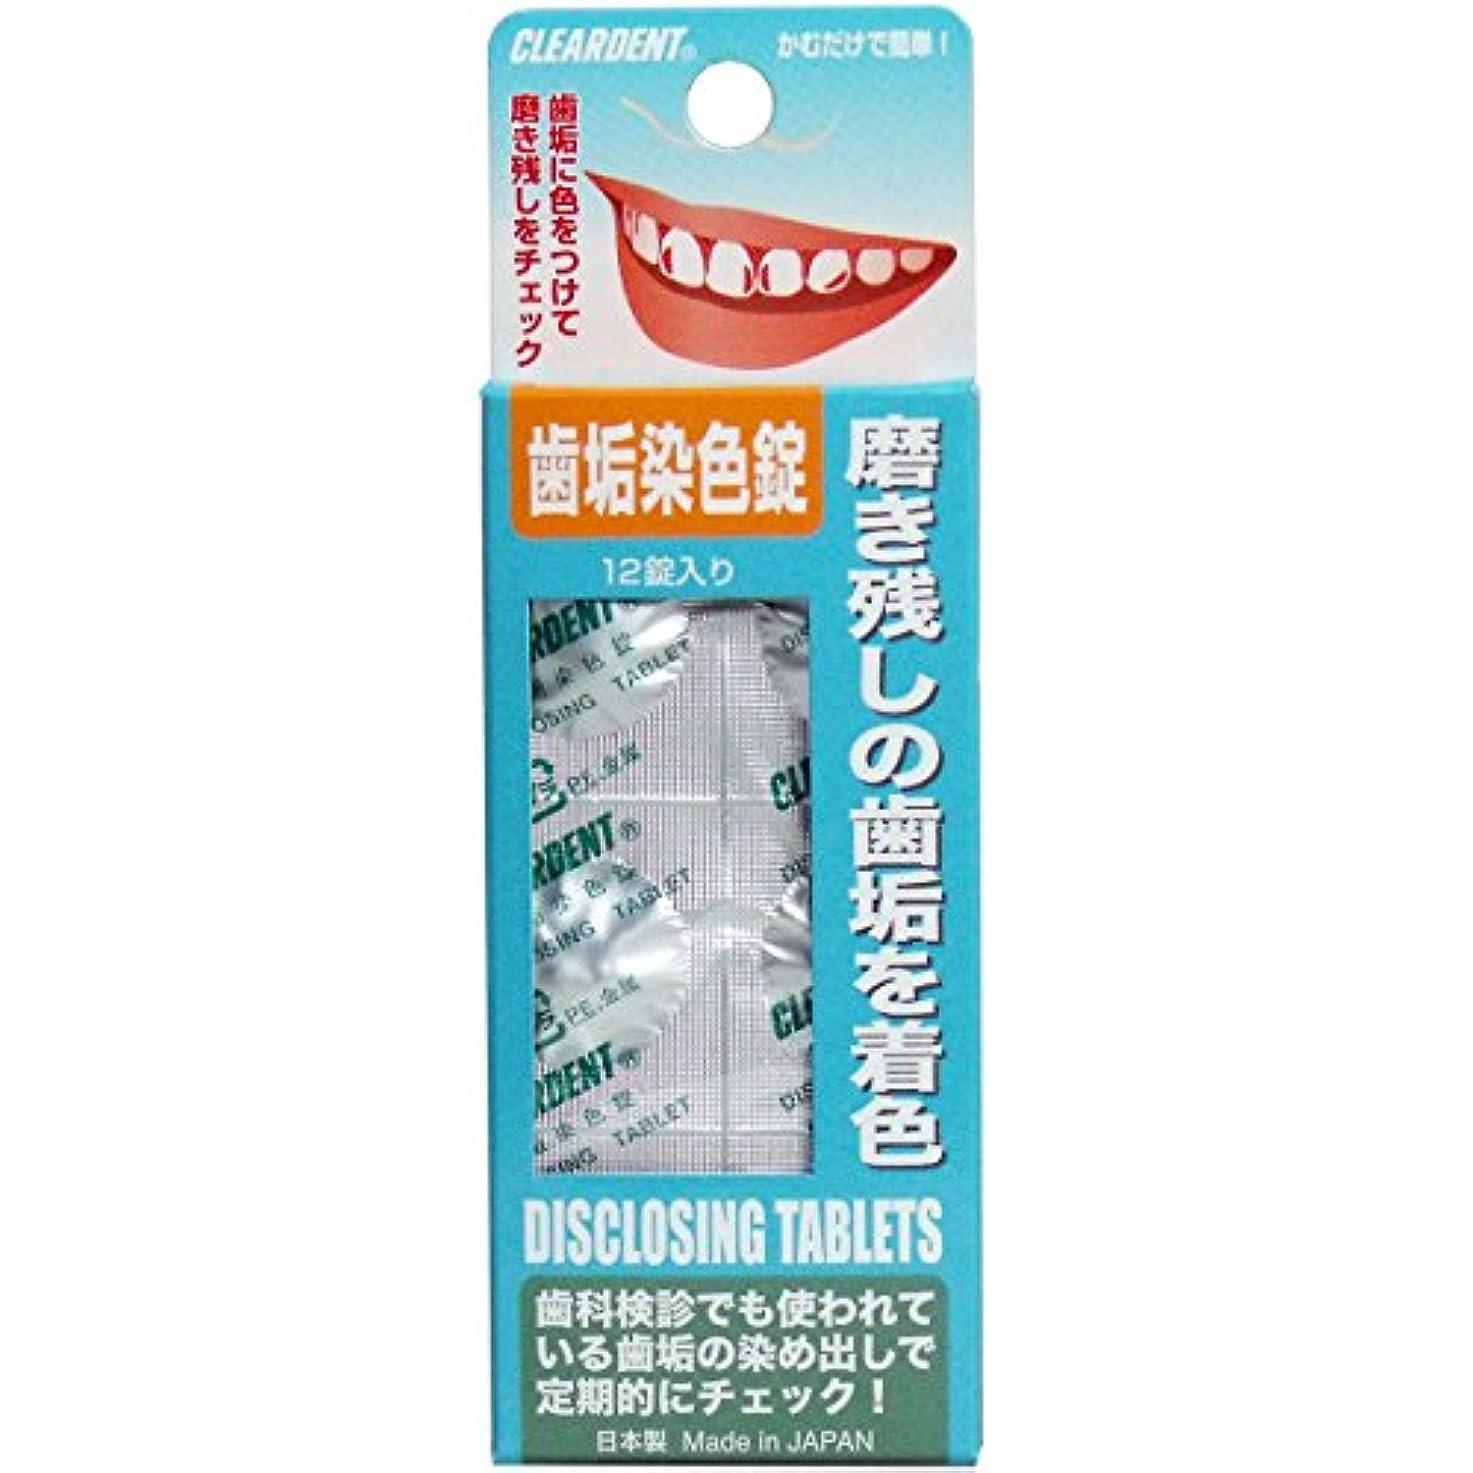 探すカブ委任する広栄社 クリアデント歯垢染色錠12錠